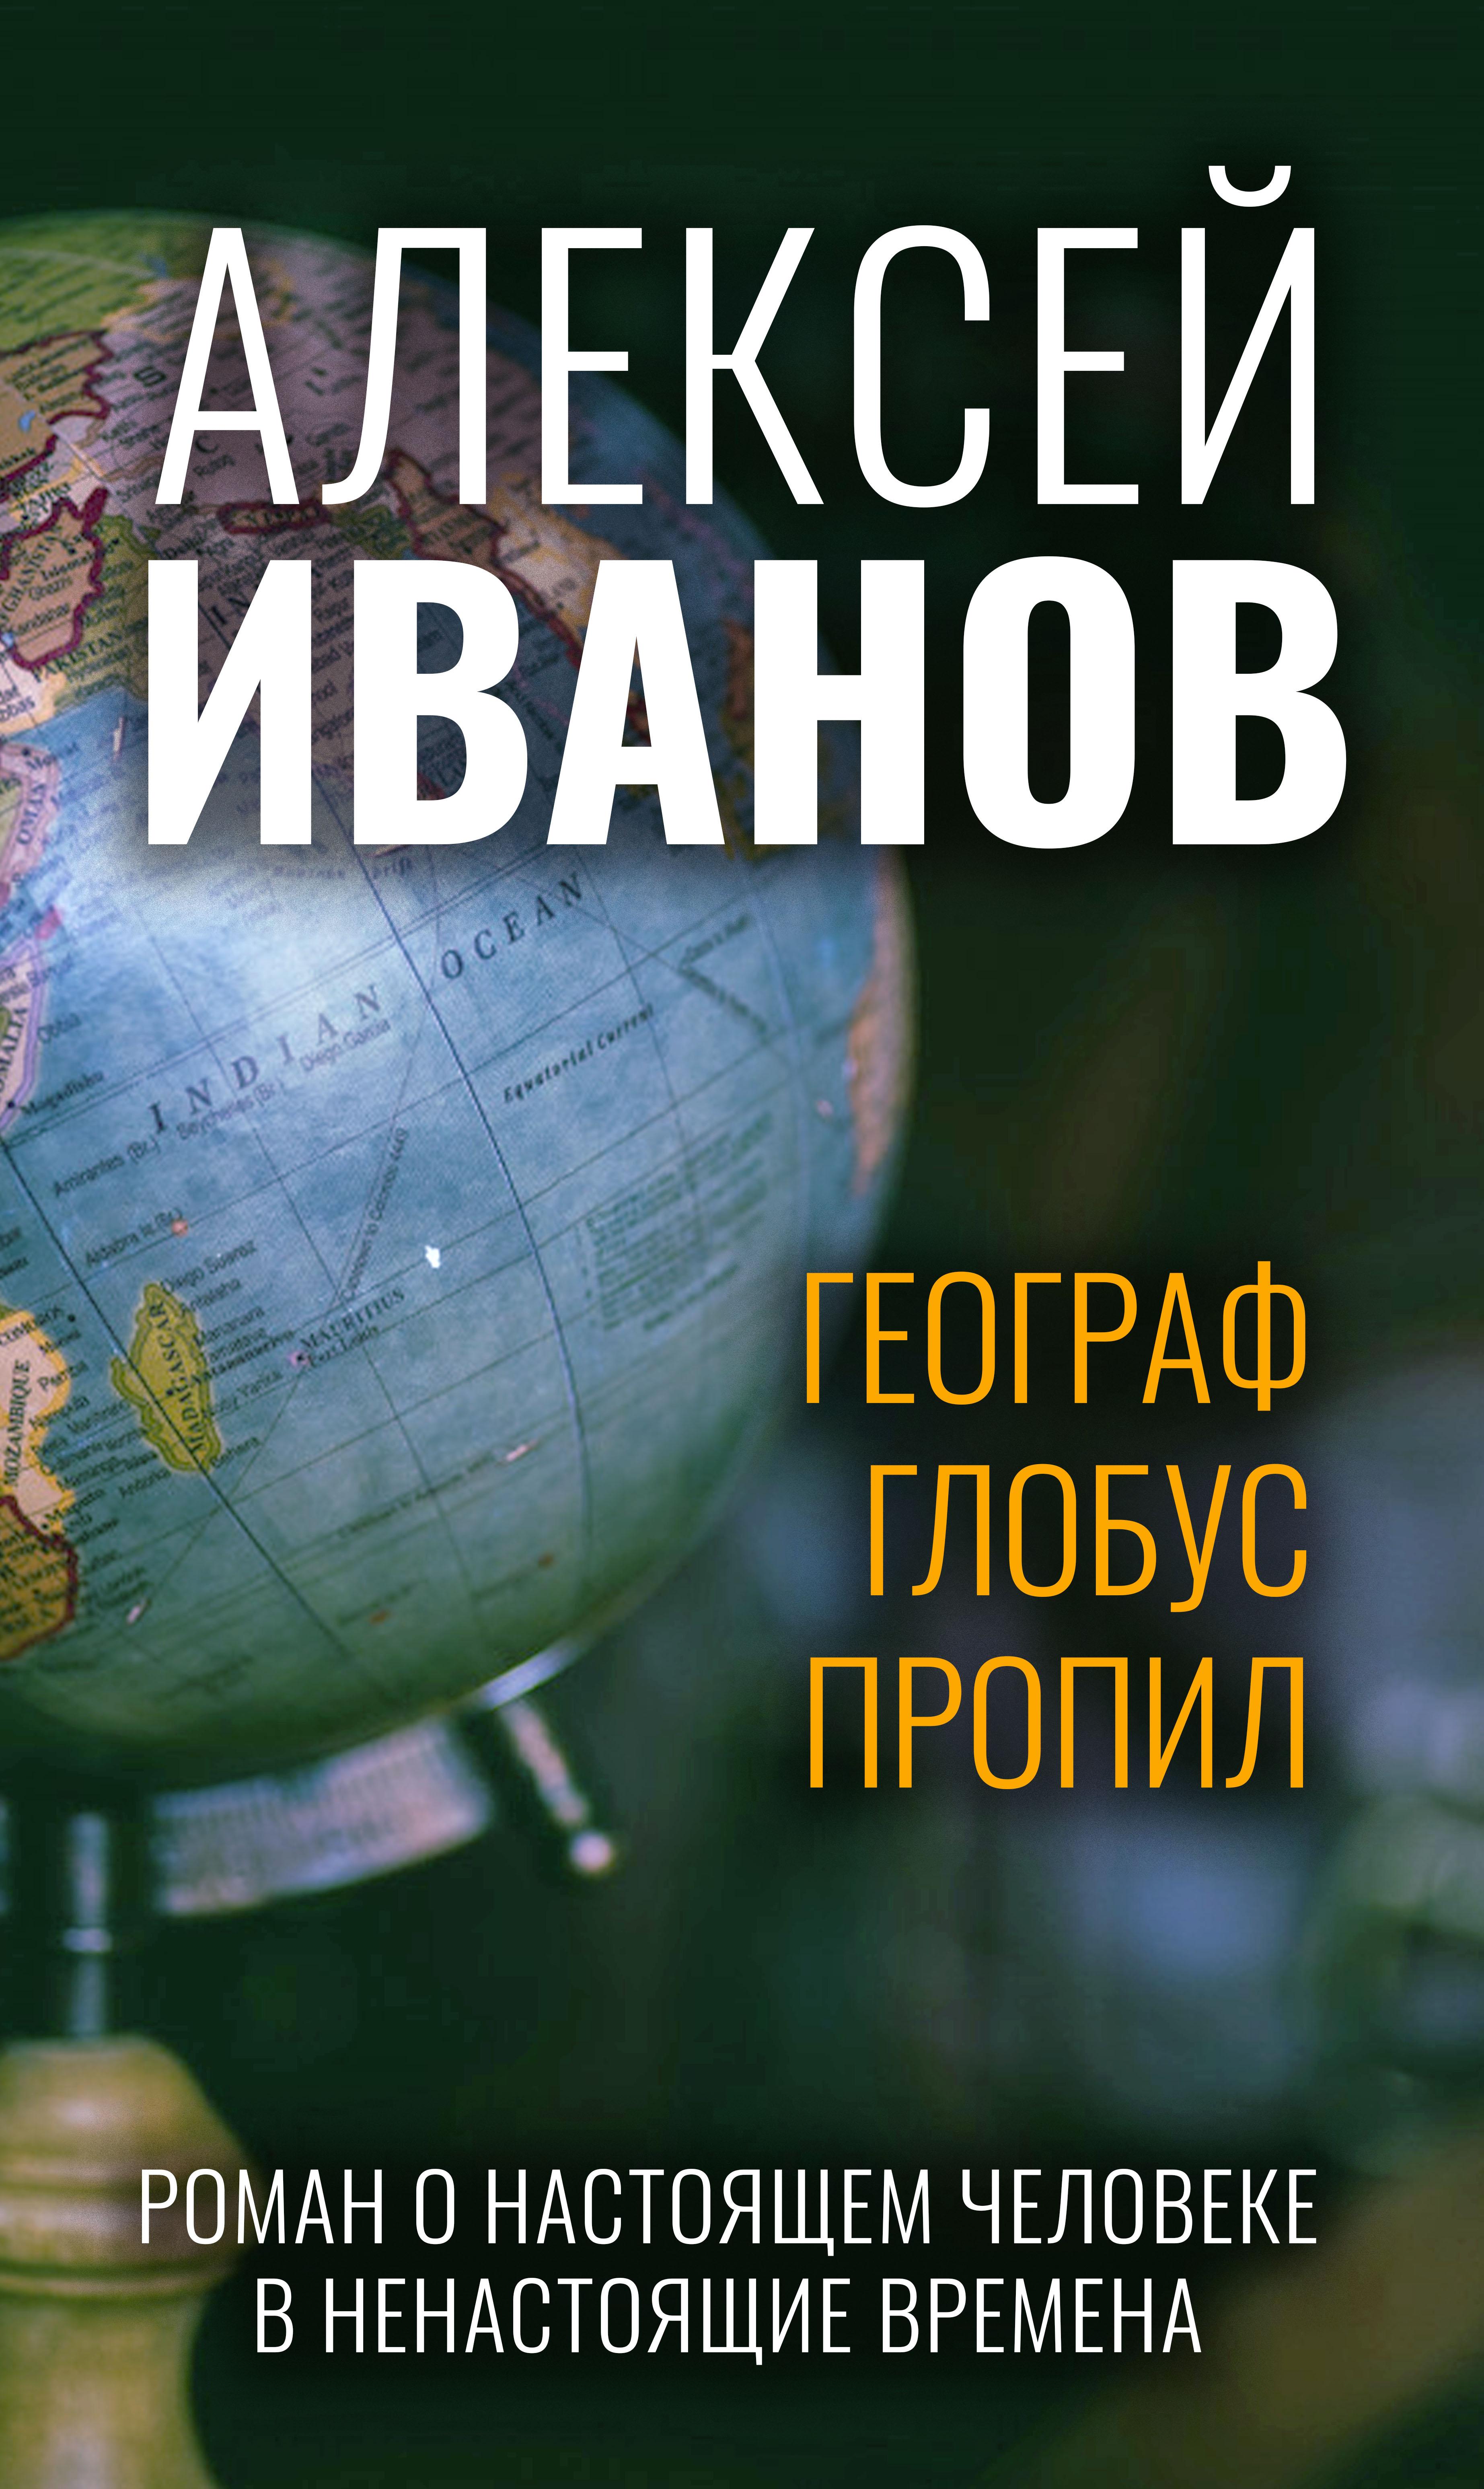 Алексей Иванов Географ глобус пропил алексей иванов географ глобус пропил isbn 978 5 17 077667 2 978 5 17 077788 4